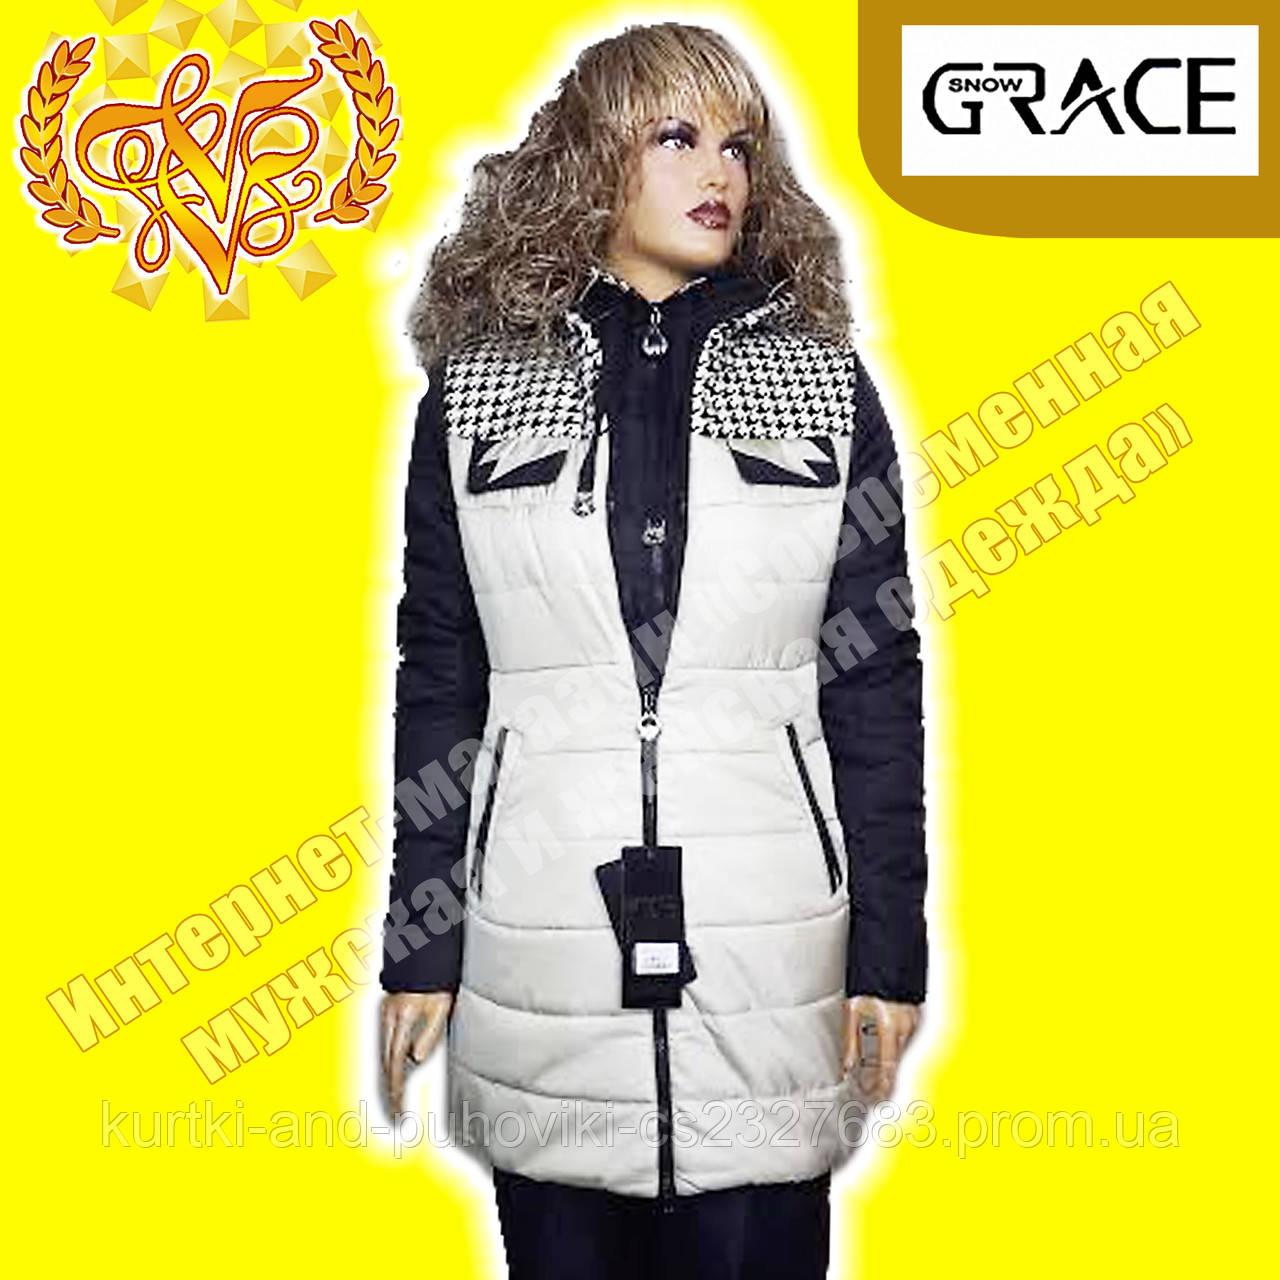 0920eea5df7 Модная женская куртка